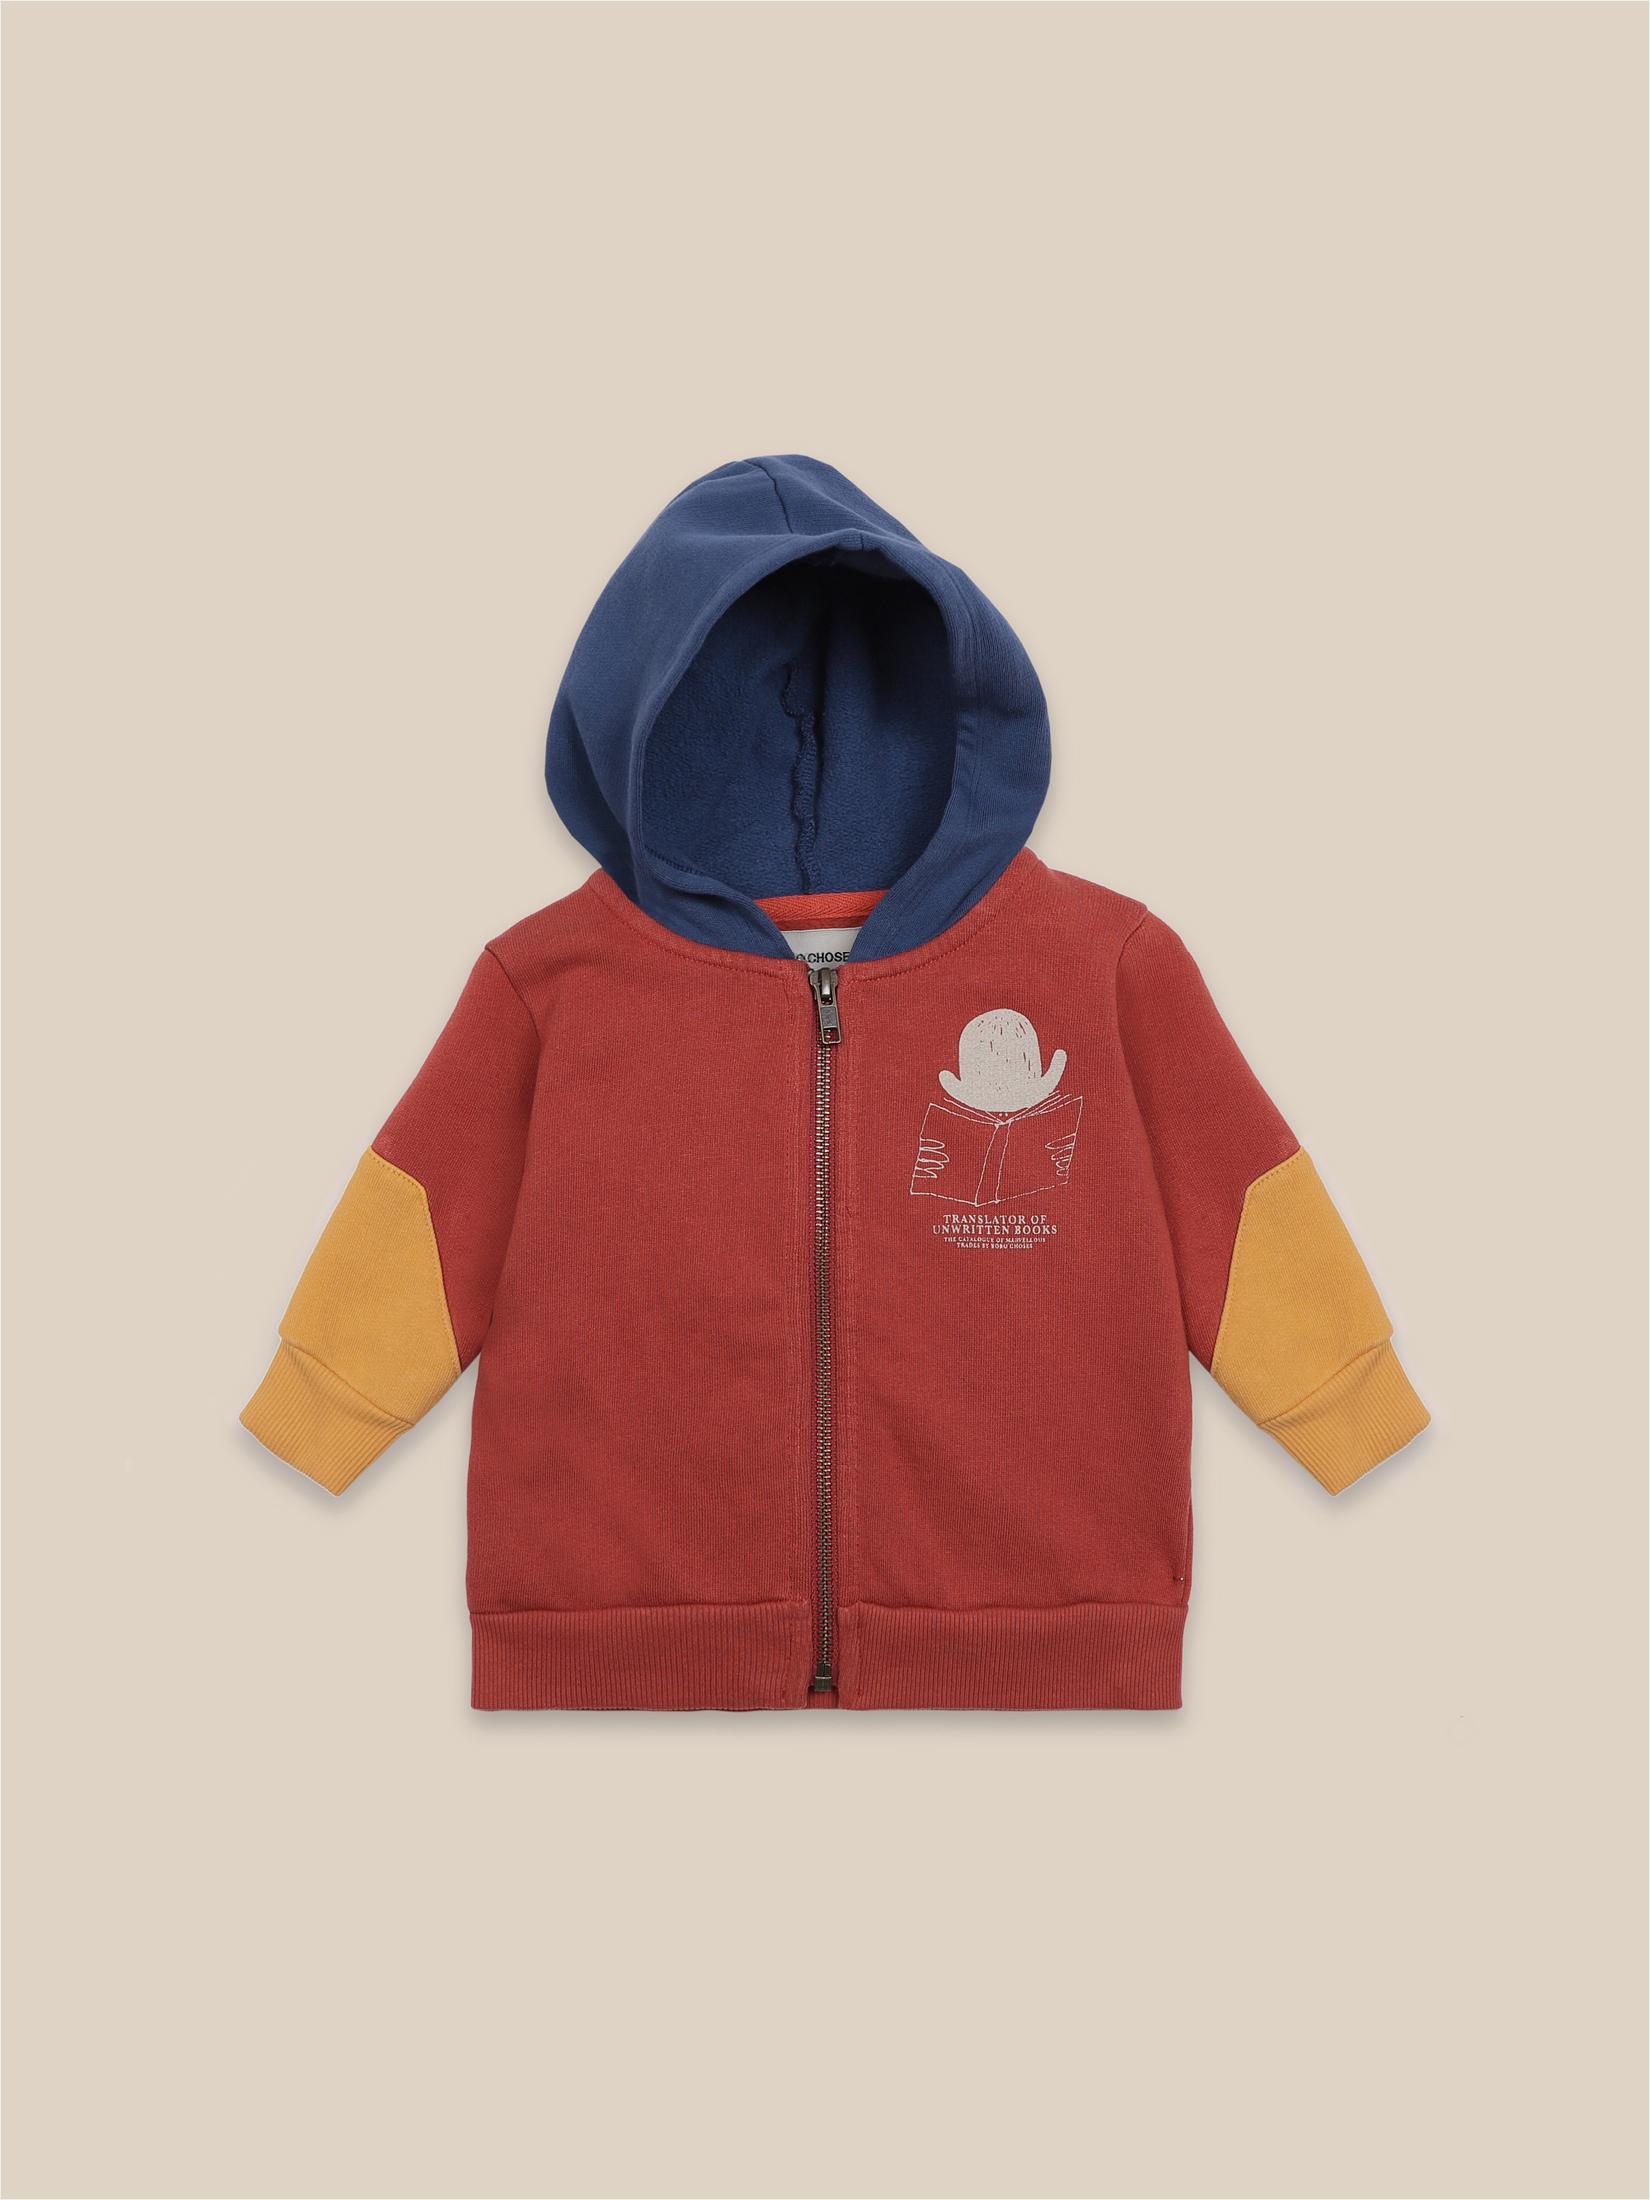 Sudadera cremallera tricolor rojo amarillo y azul para bebé